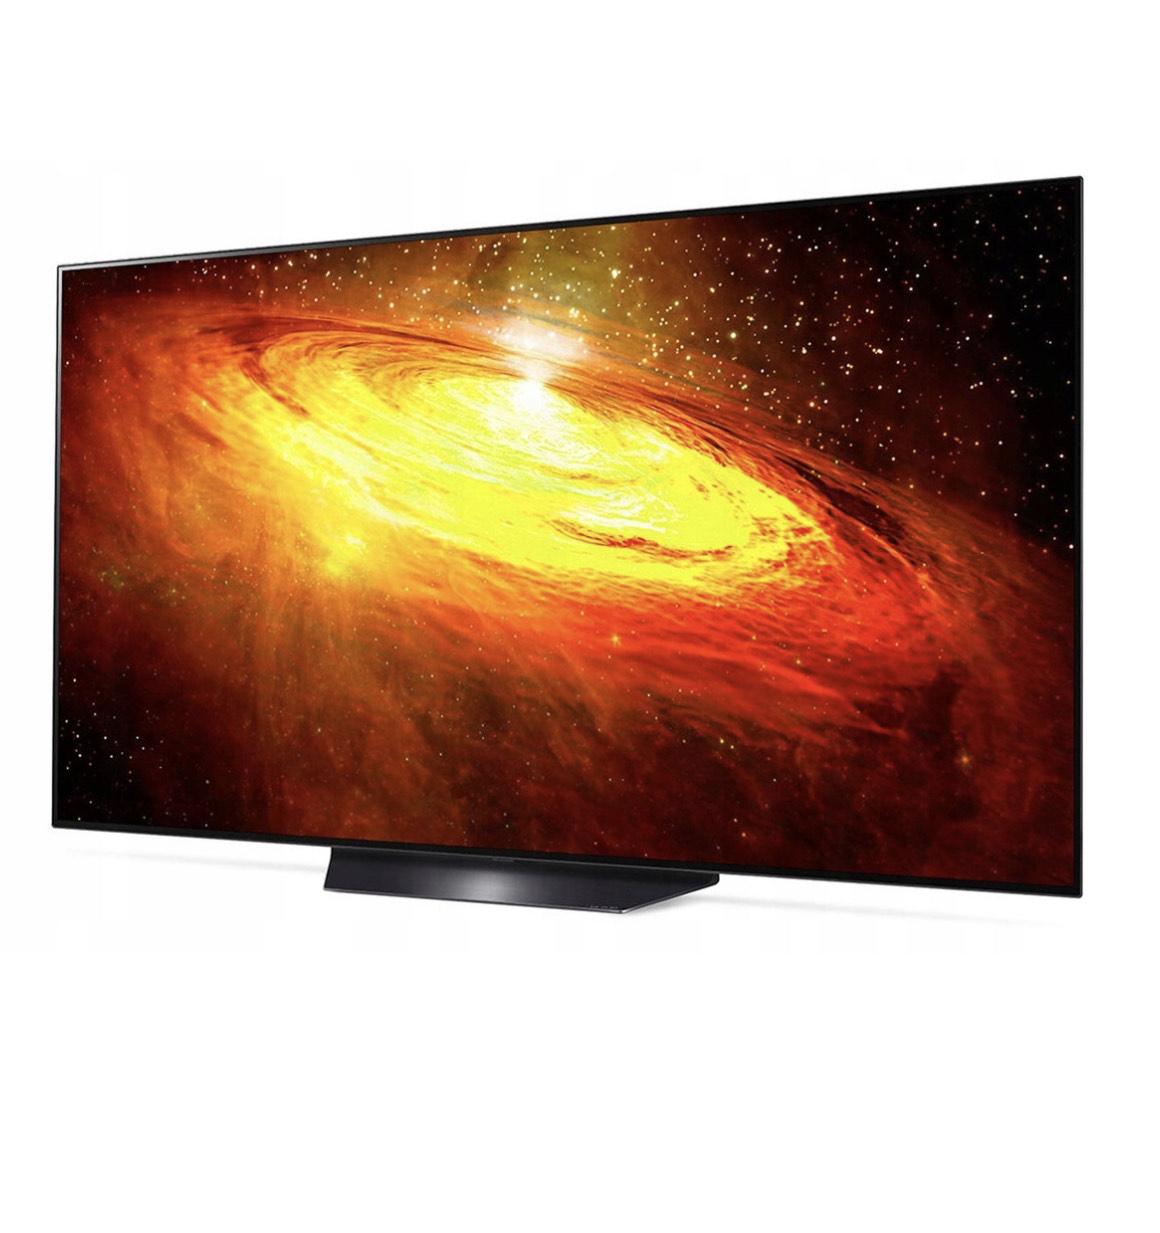 Telewizor OLED LG 65BX3 65 cali